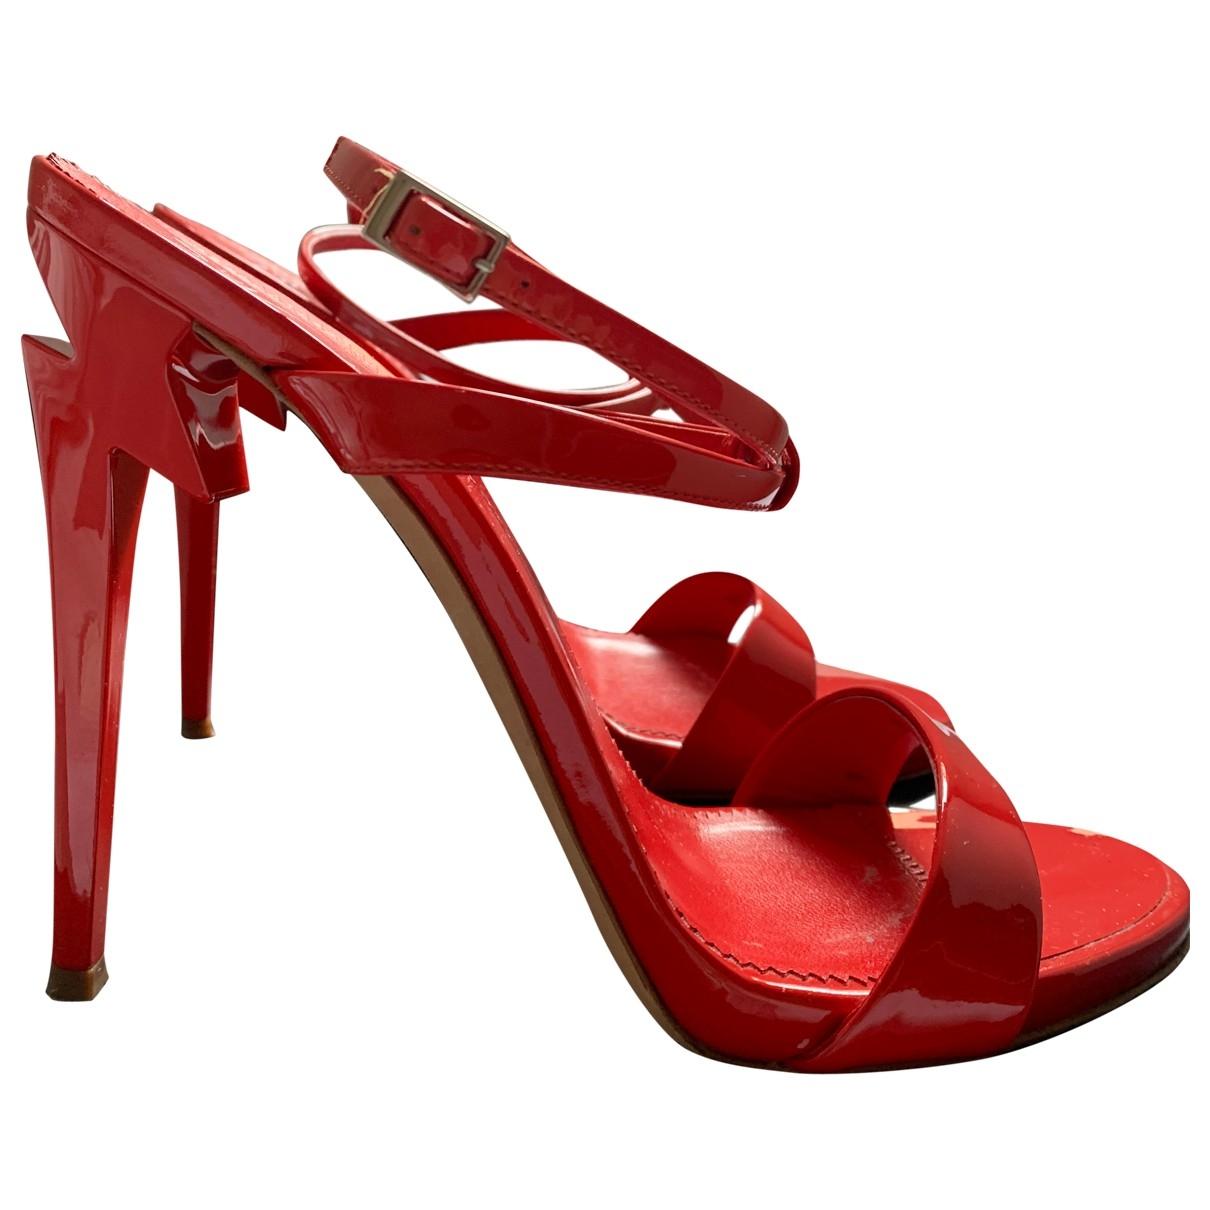 Giuseppe Zanotti - Sandales   pour femme en cuir verni - rouge